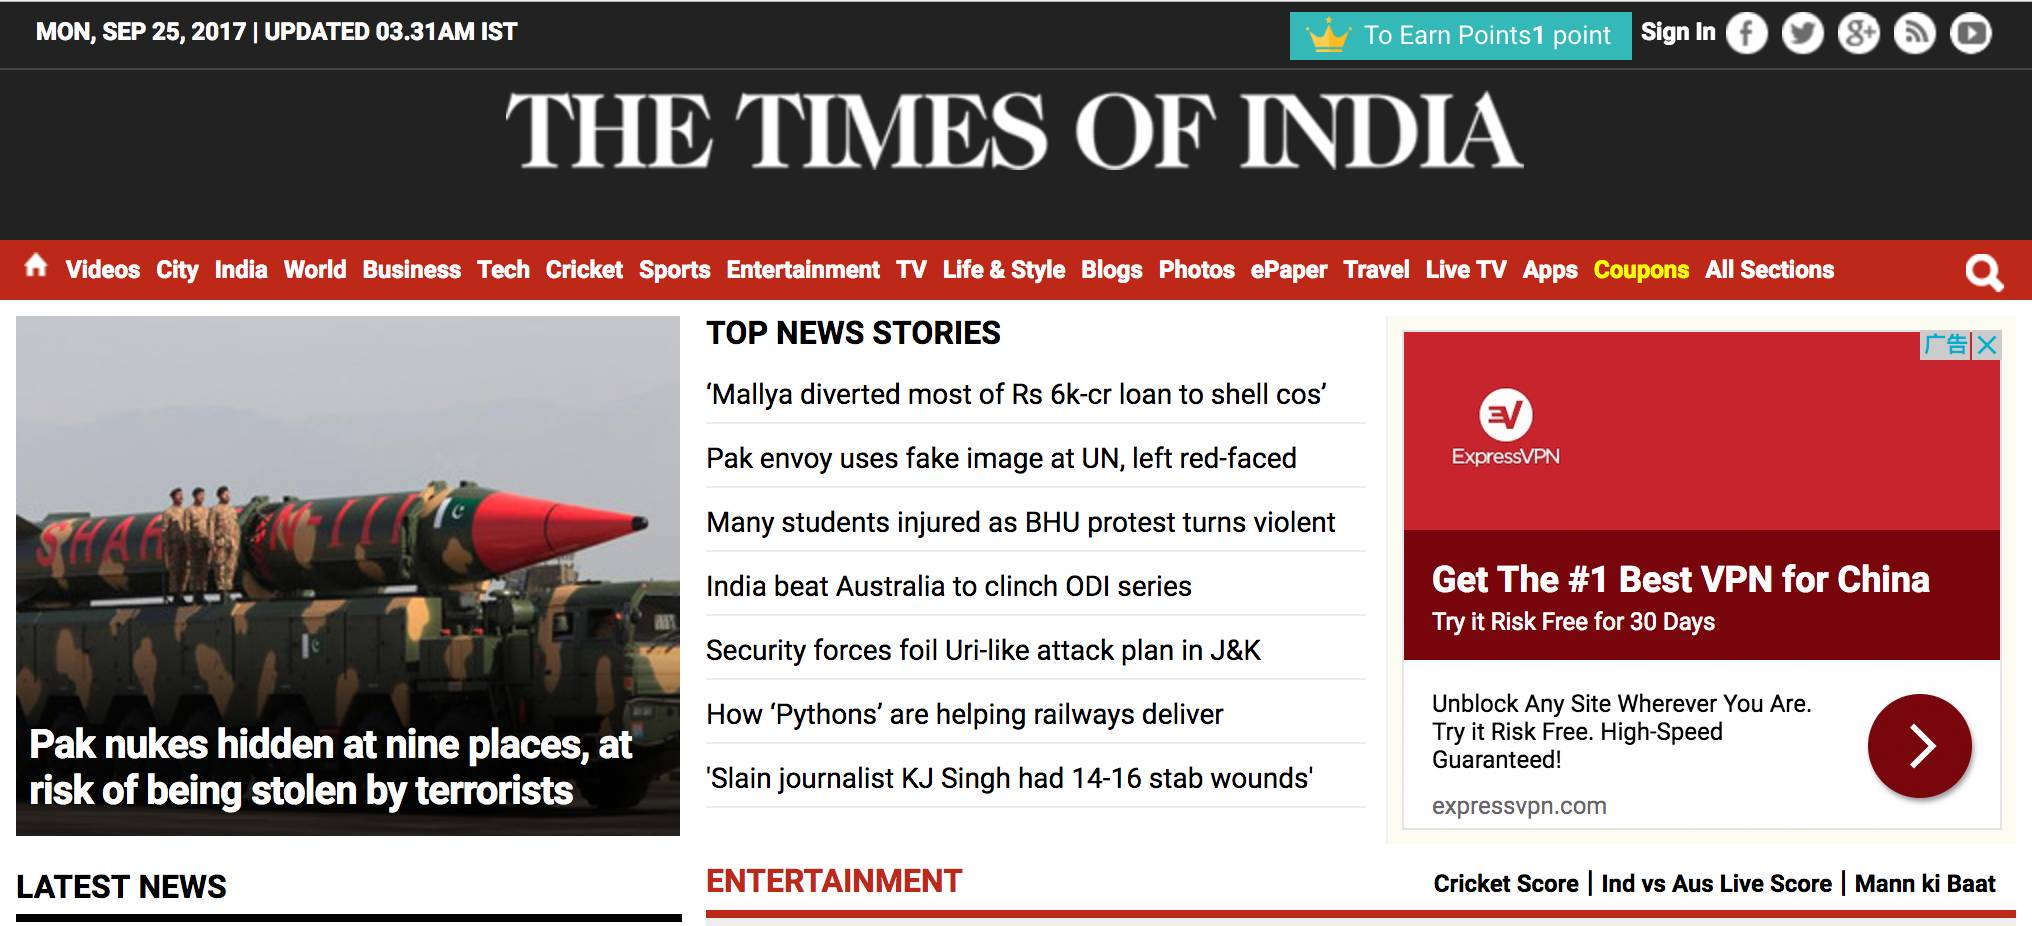 《印度时报》官网截图